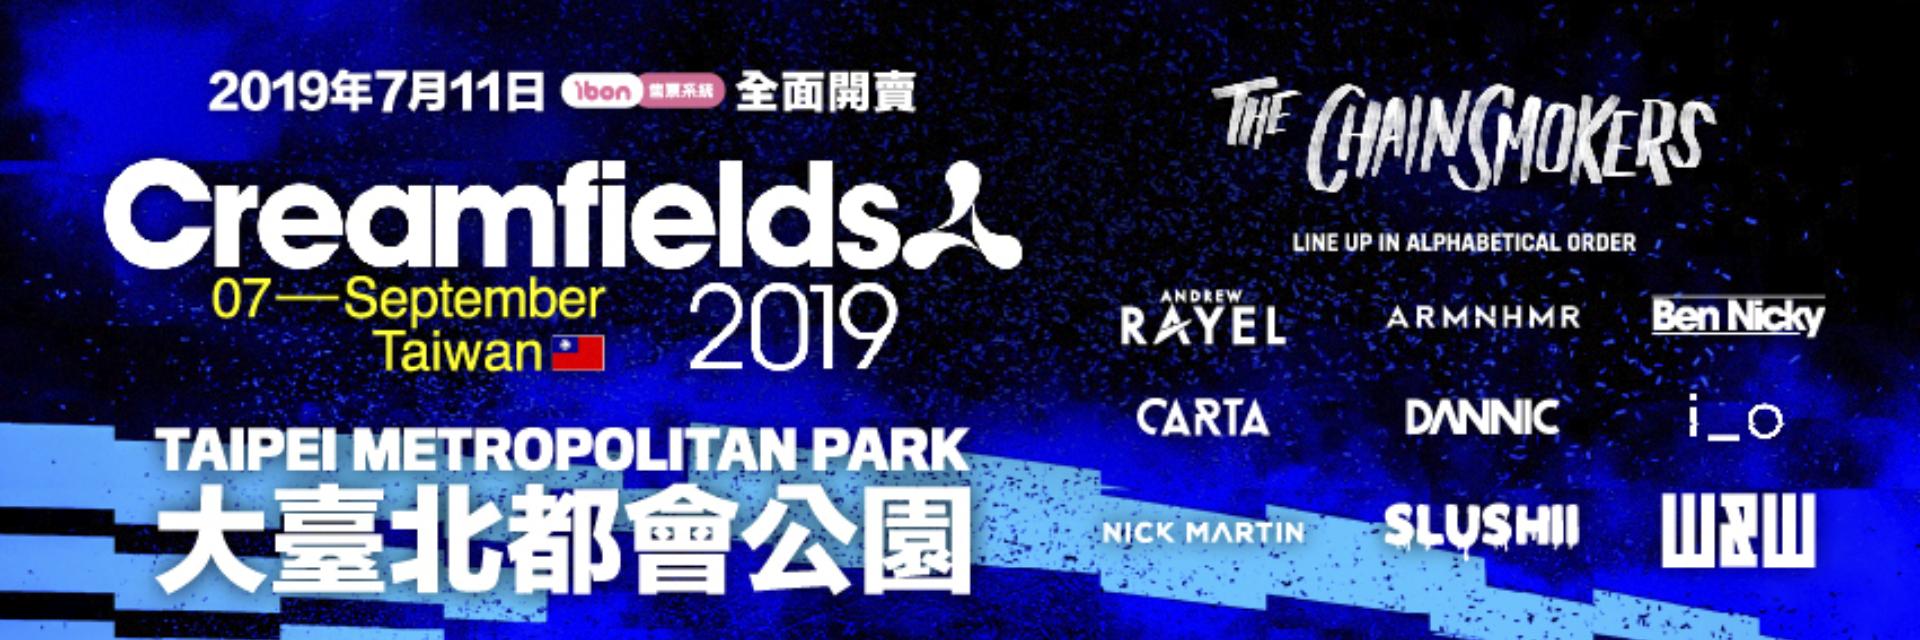 史上最強電音盛宴!2019 Creamfields 奶油田電音派對 The Chainsmokers 再登台,無法想像的夢幻陣容挑戰你的心跳頻率 !